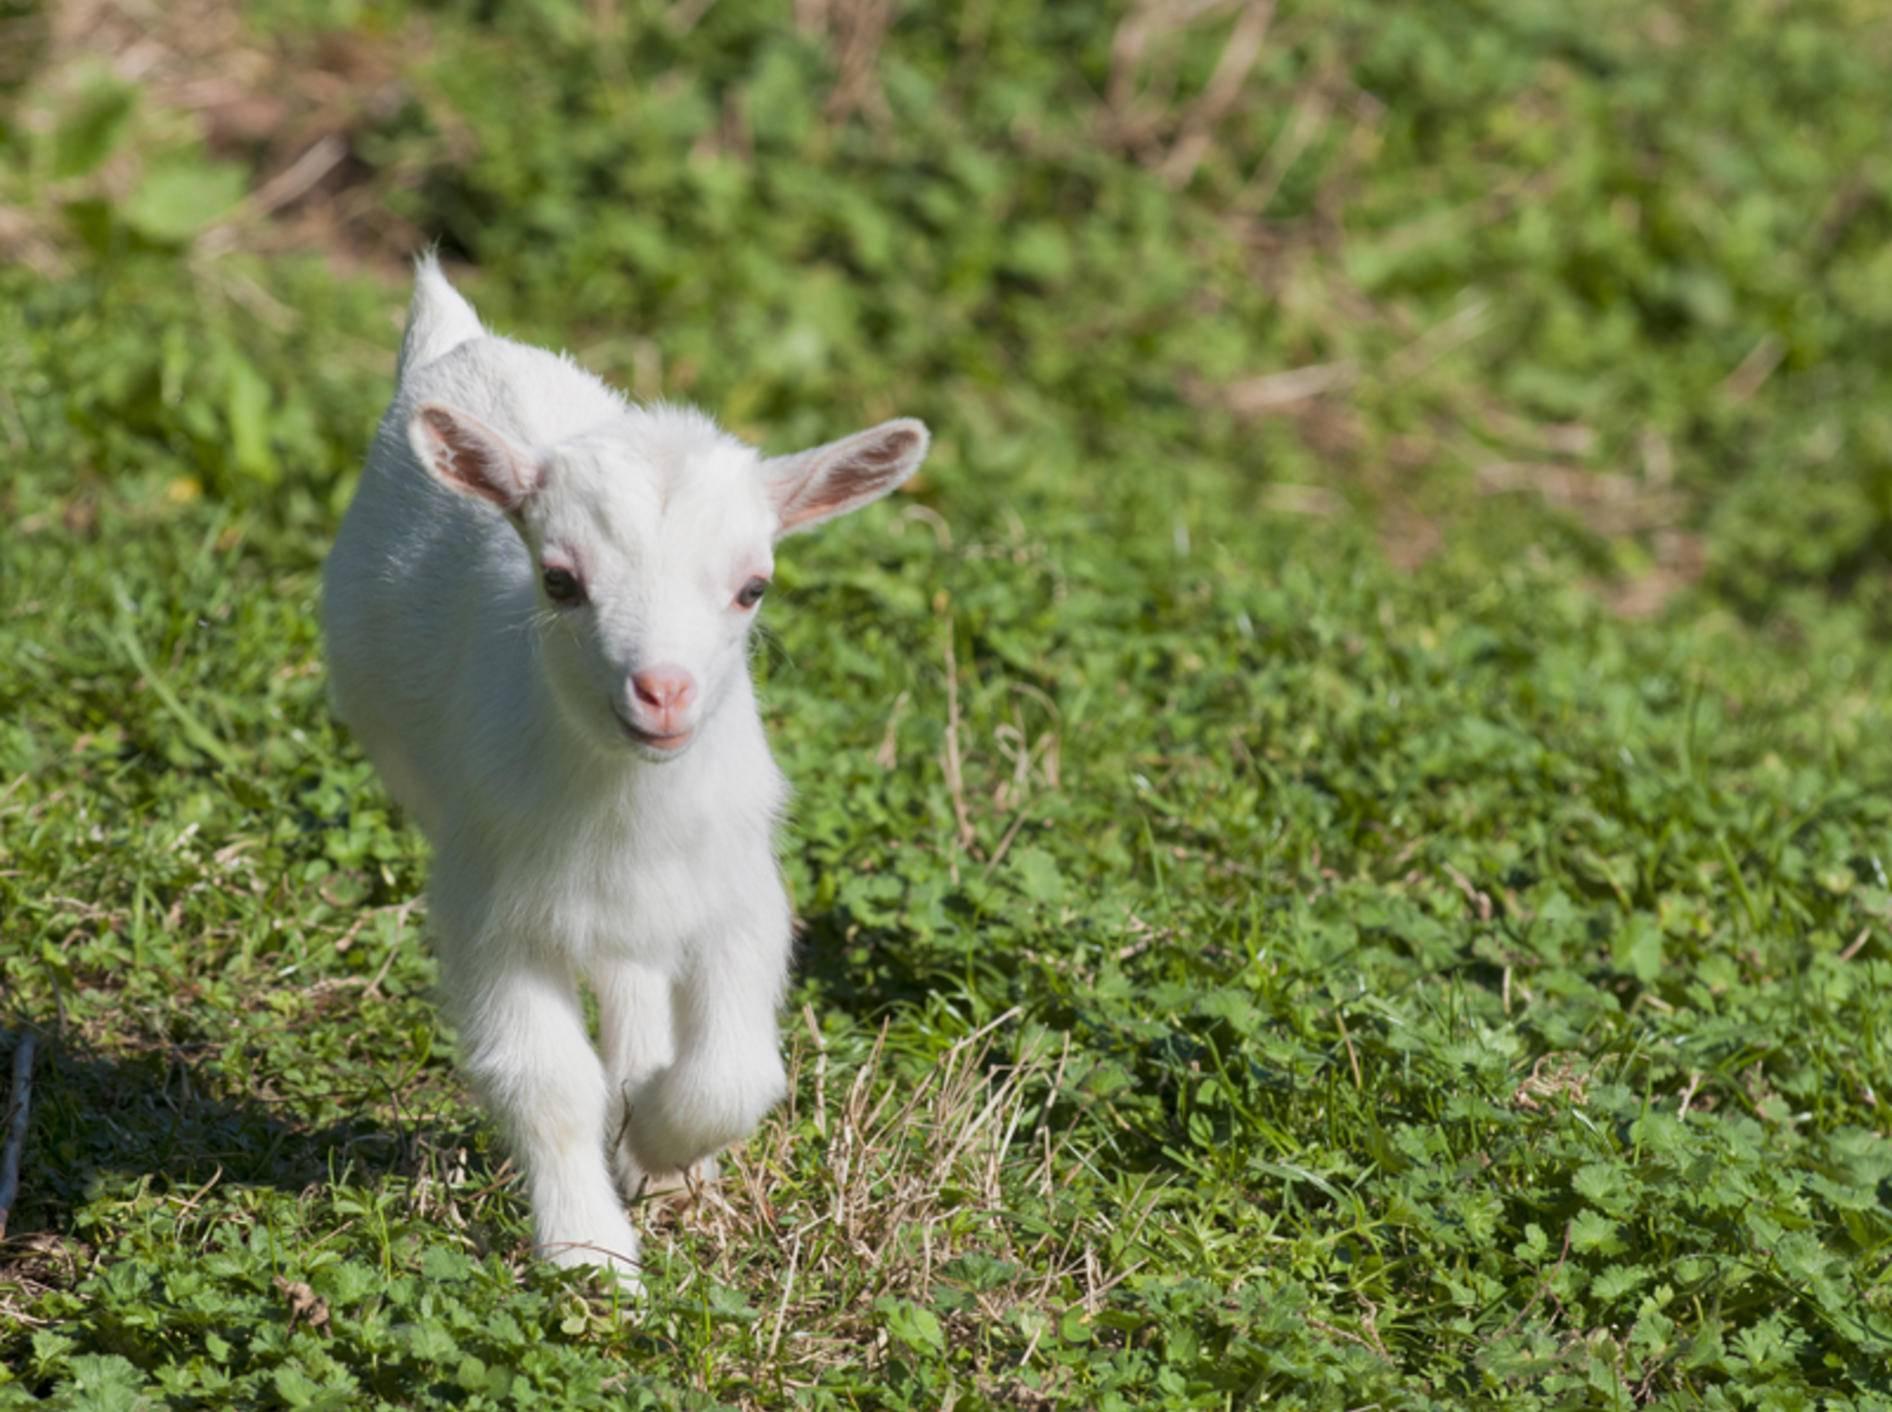 Wohin diese kleine Ziege wohl so eilig auf dem Weg ist? – Bild: Shutterstock / Andrea Izzotti